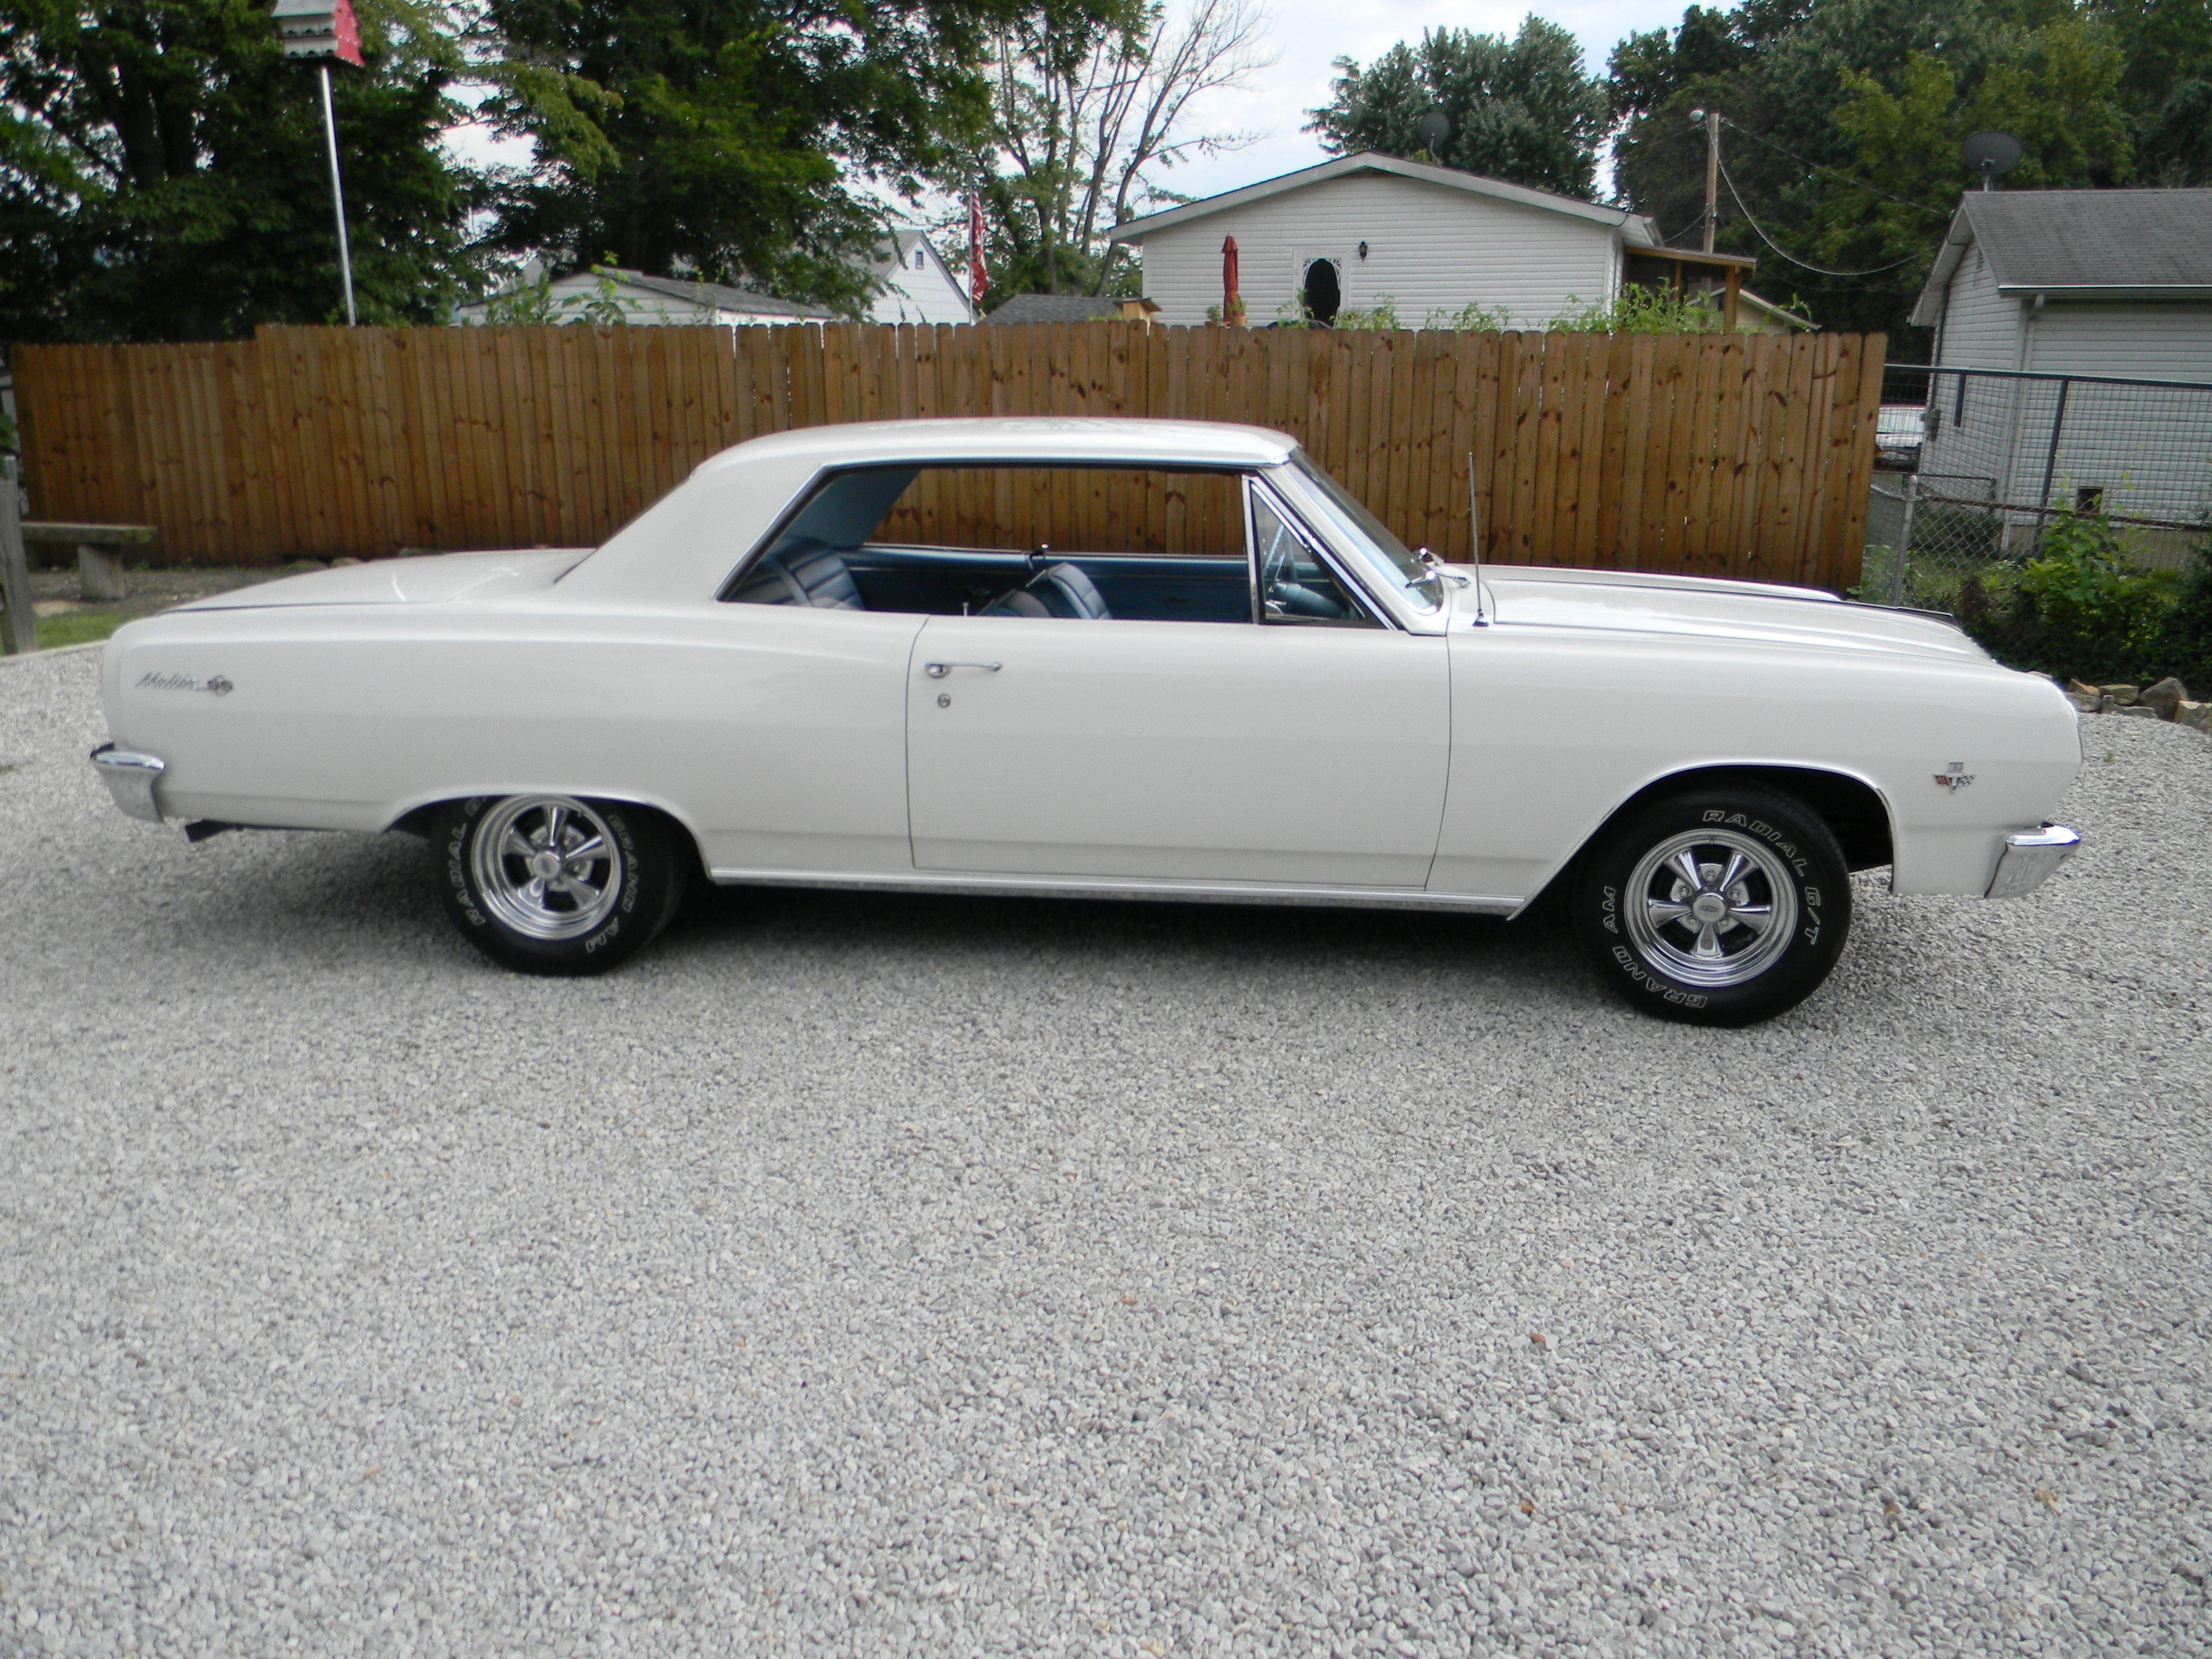 1965 chevelle malibu ss ermine white 283 cu with 4 bbl